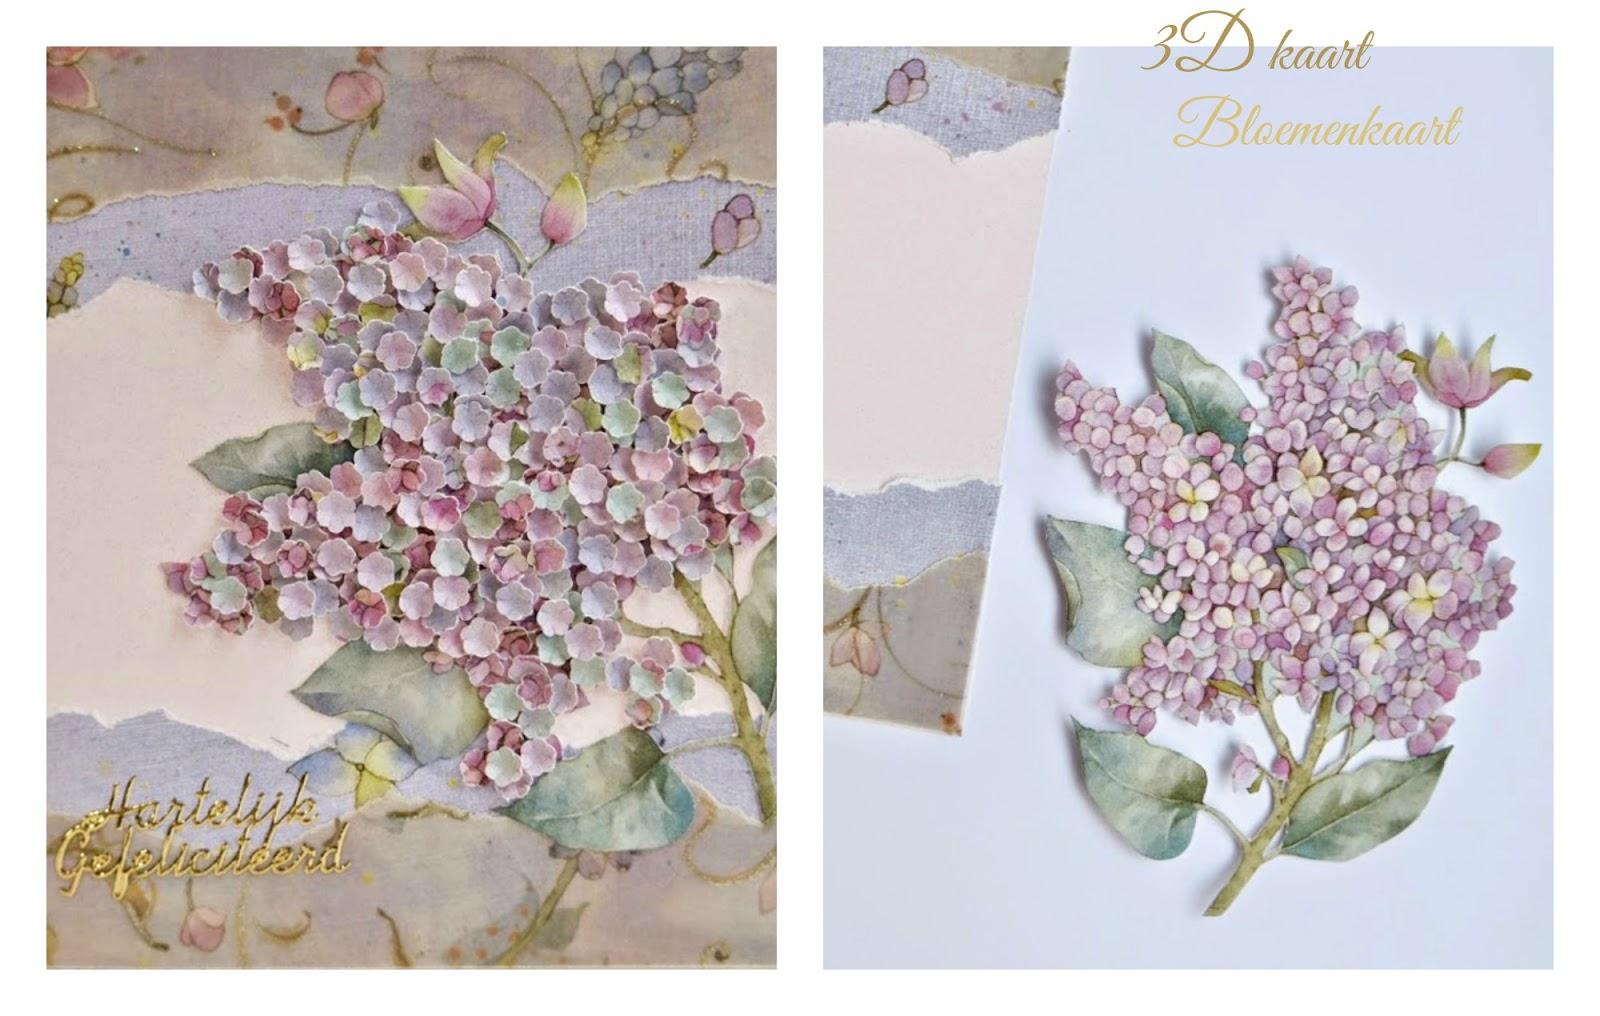 Extreem 3D kaart bloemenkaart (Diy kaarten maken) – ElsaRblog #FR16